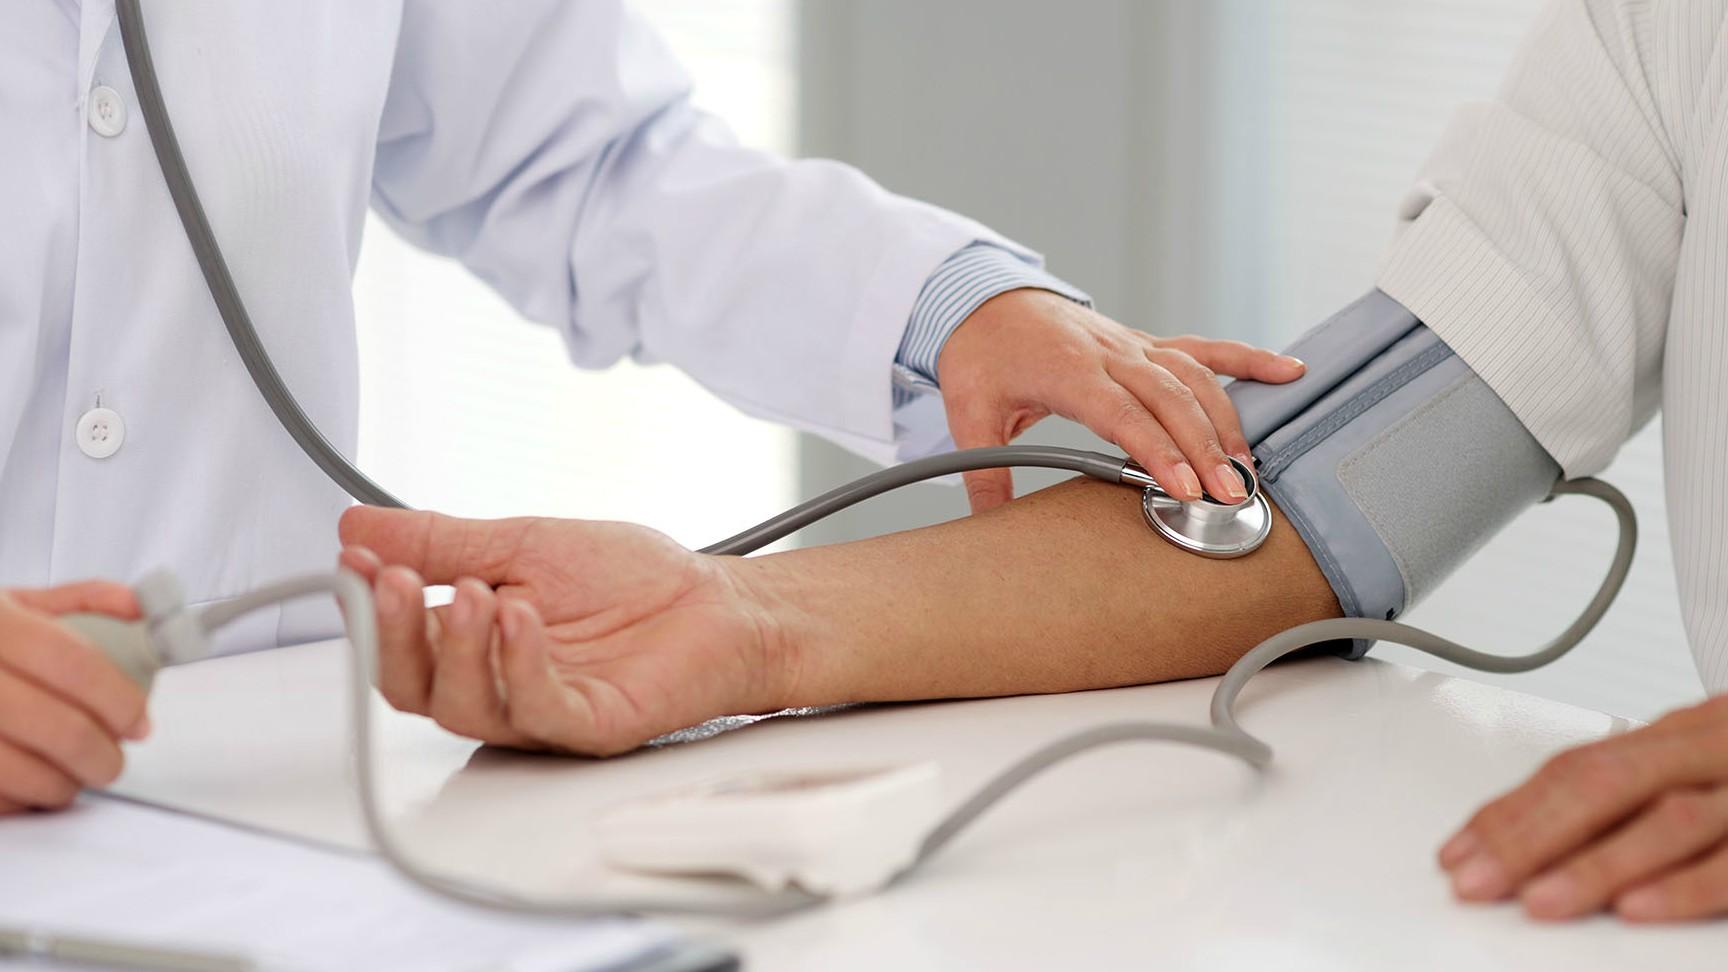 El Sumario - ElGrupo Médico Santa Paula ofrecerá la atención el próximo sábado 30 de junio desde las 8 de la mañana hasta la 1 de la tarde